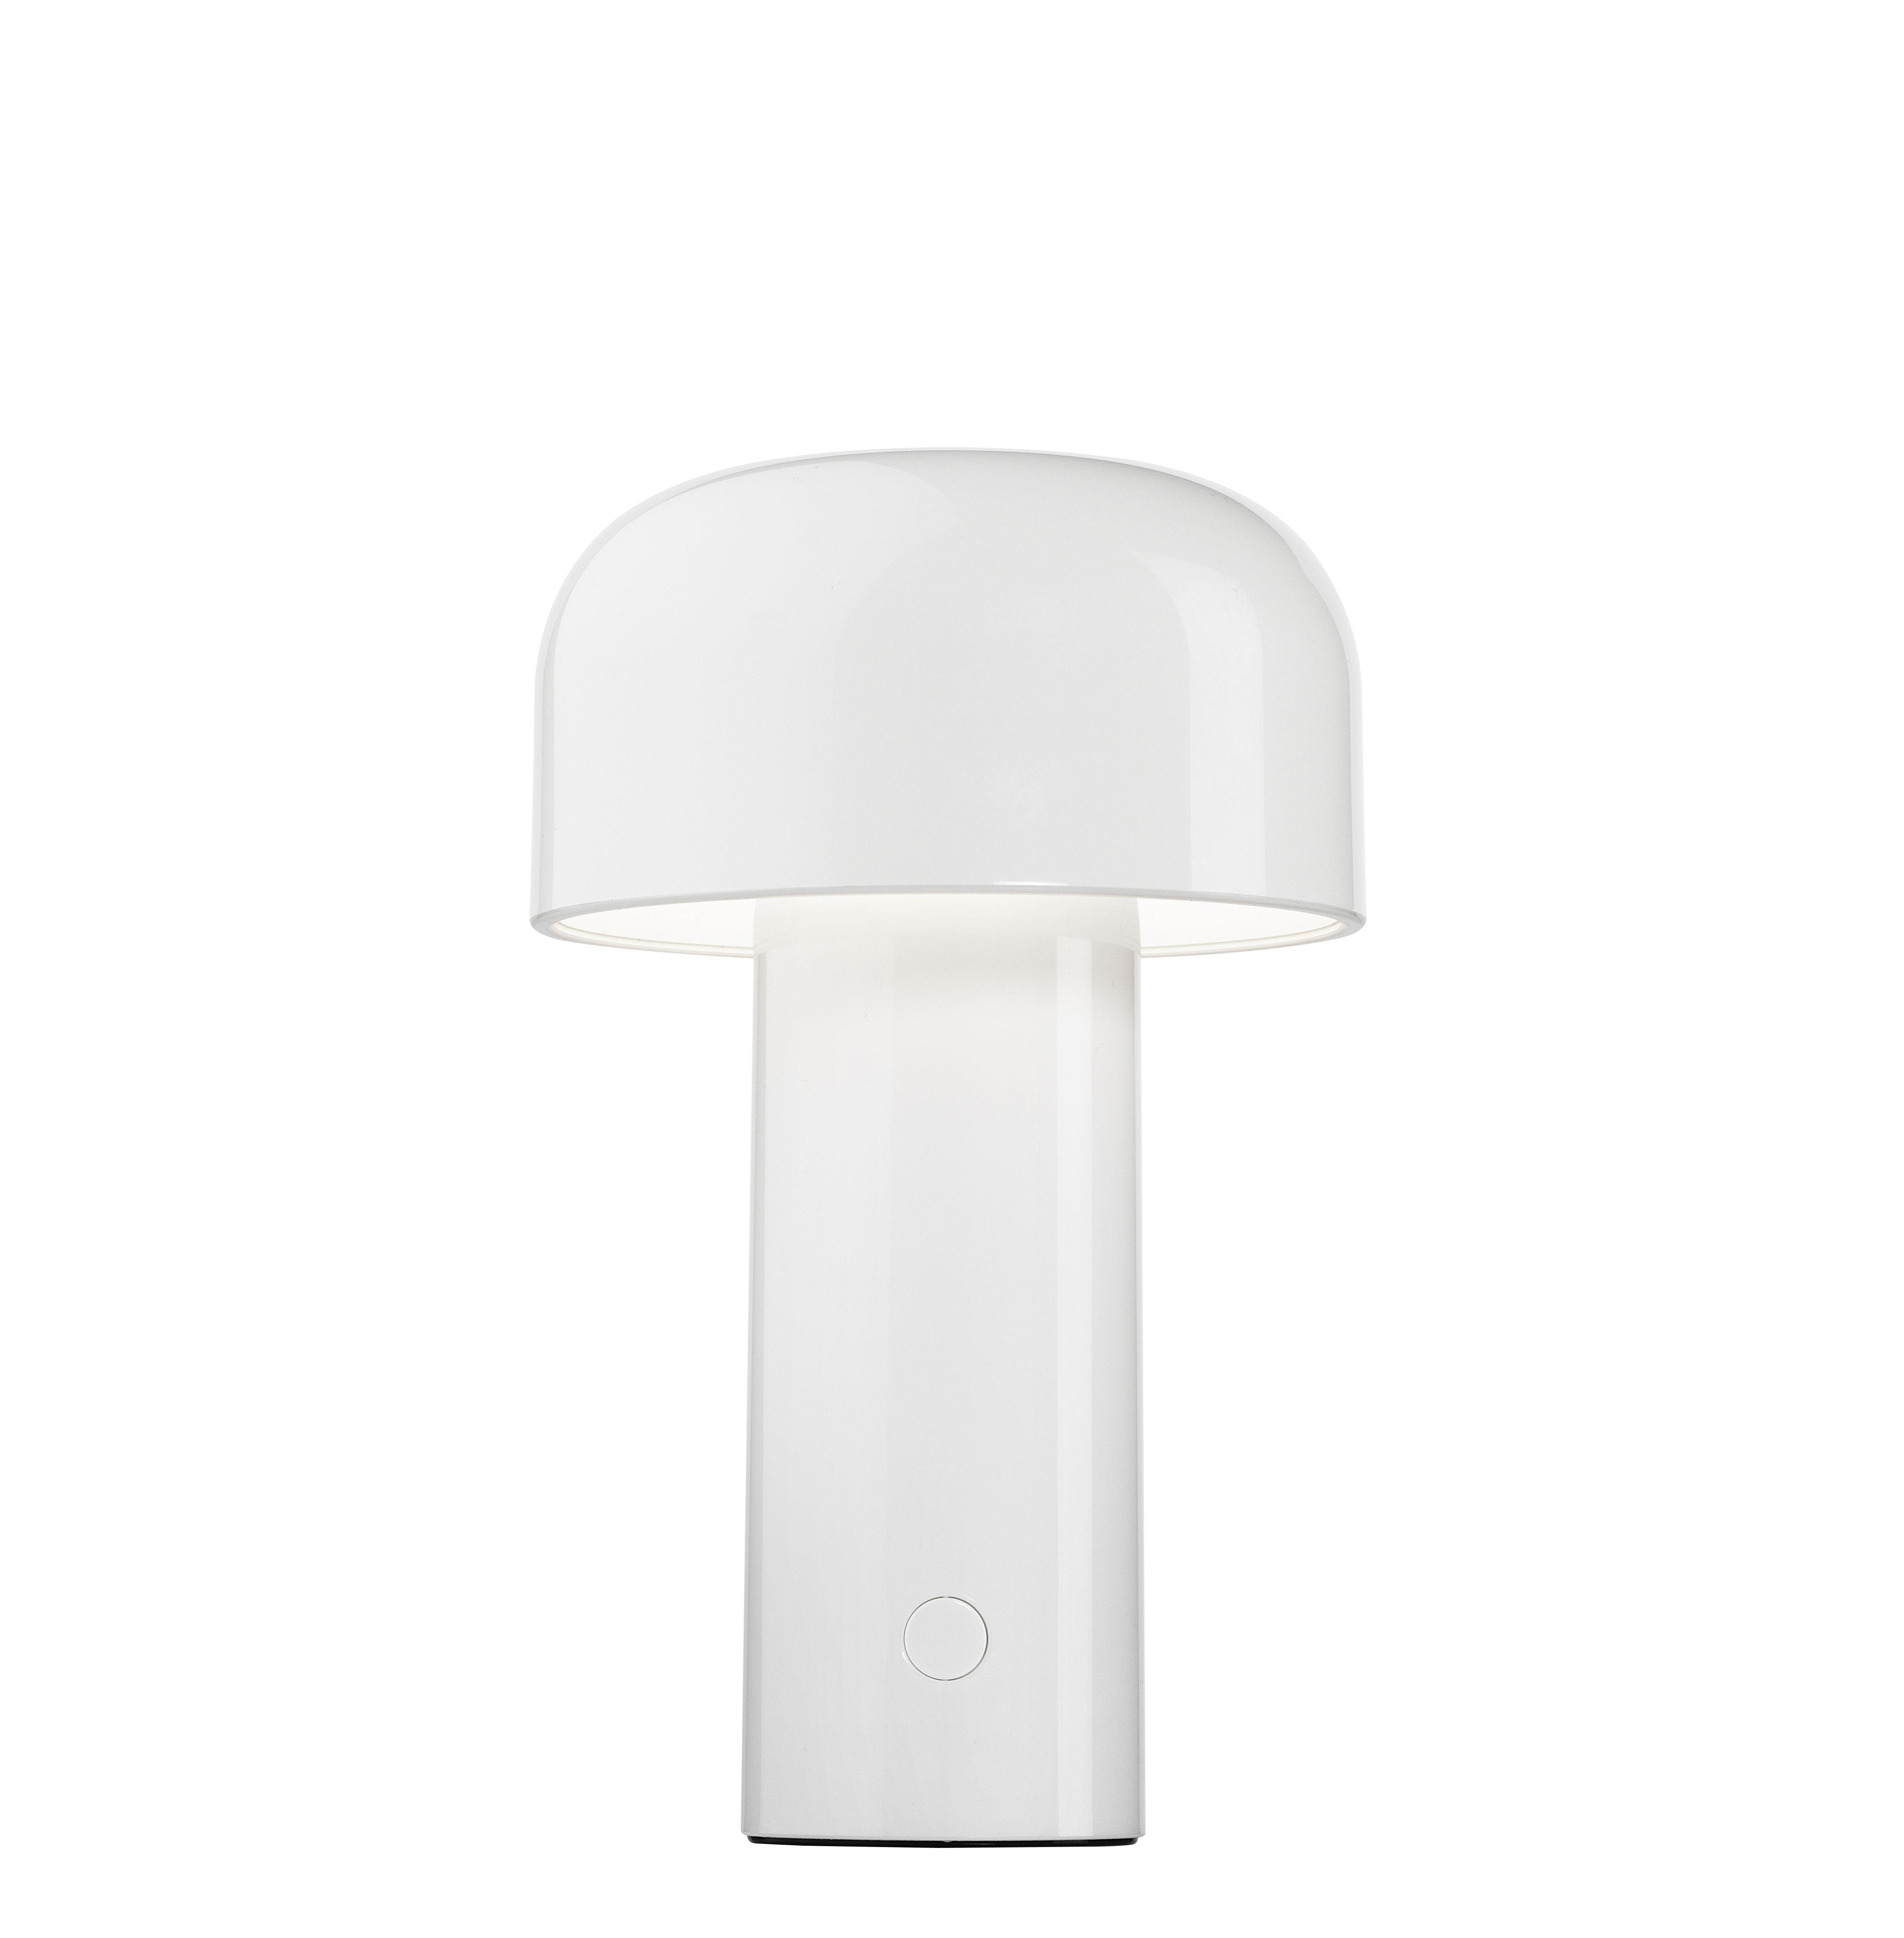 Luminaire - Lampes de table - Lampe de table Bellhop / Sans fil - Recharge USB - Flos - Blanc - Polycarbonate